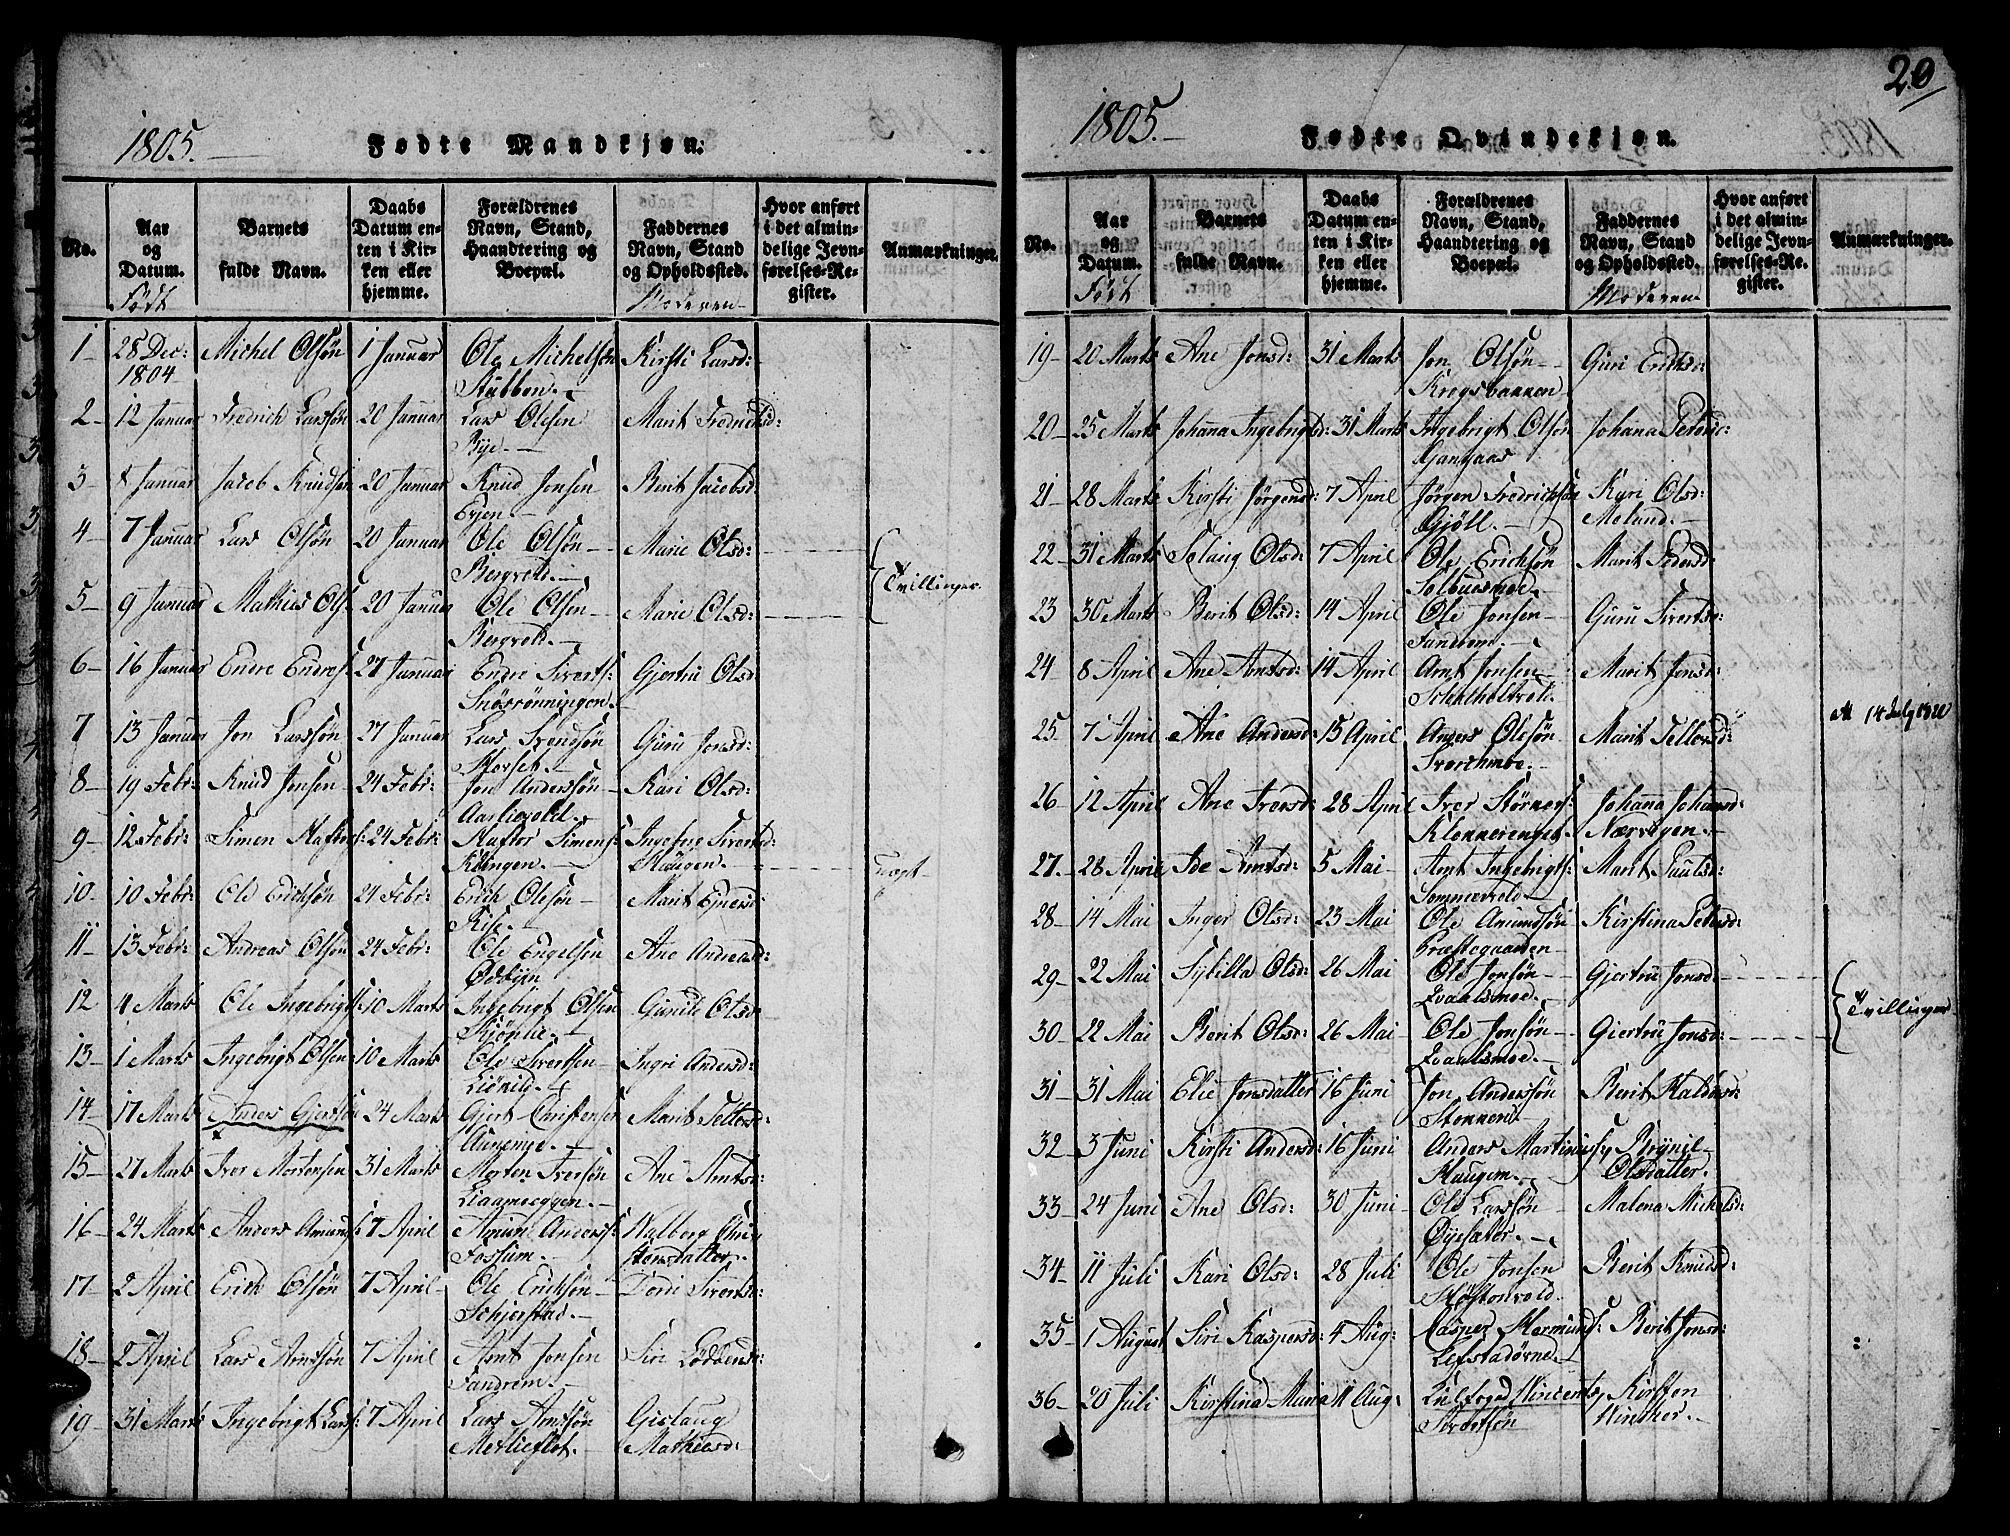 SAT, Ministerialprotokoller, klokkerbøker og fødselsregistre - Sør-Trøndelag, 668/L0803: Ministerialbok nr. 668A03, 1800-1826, s. 20